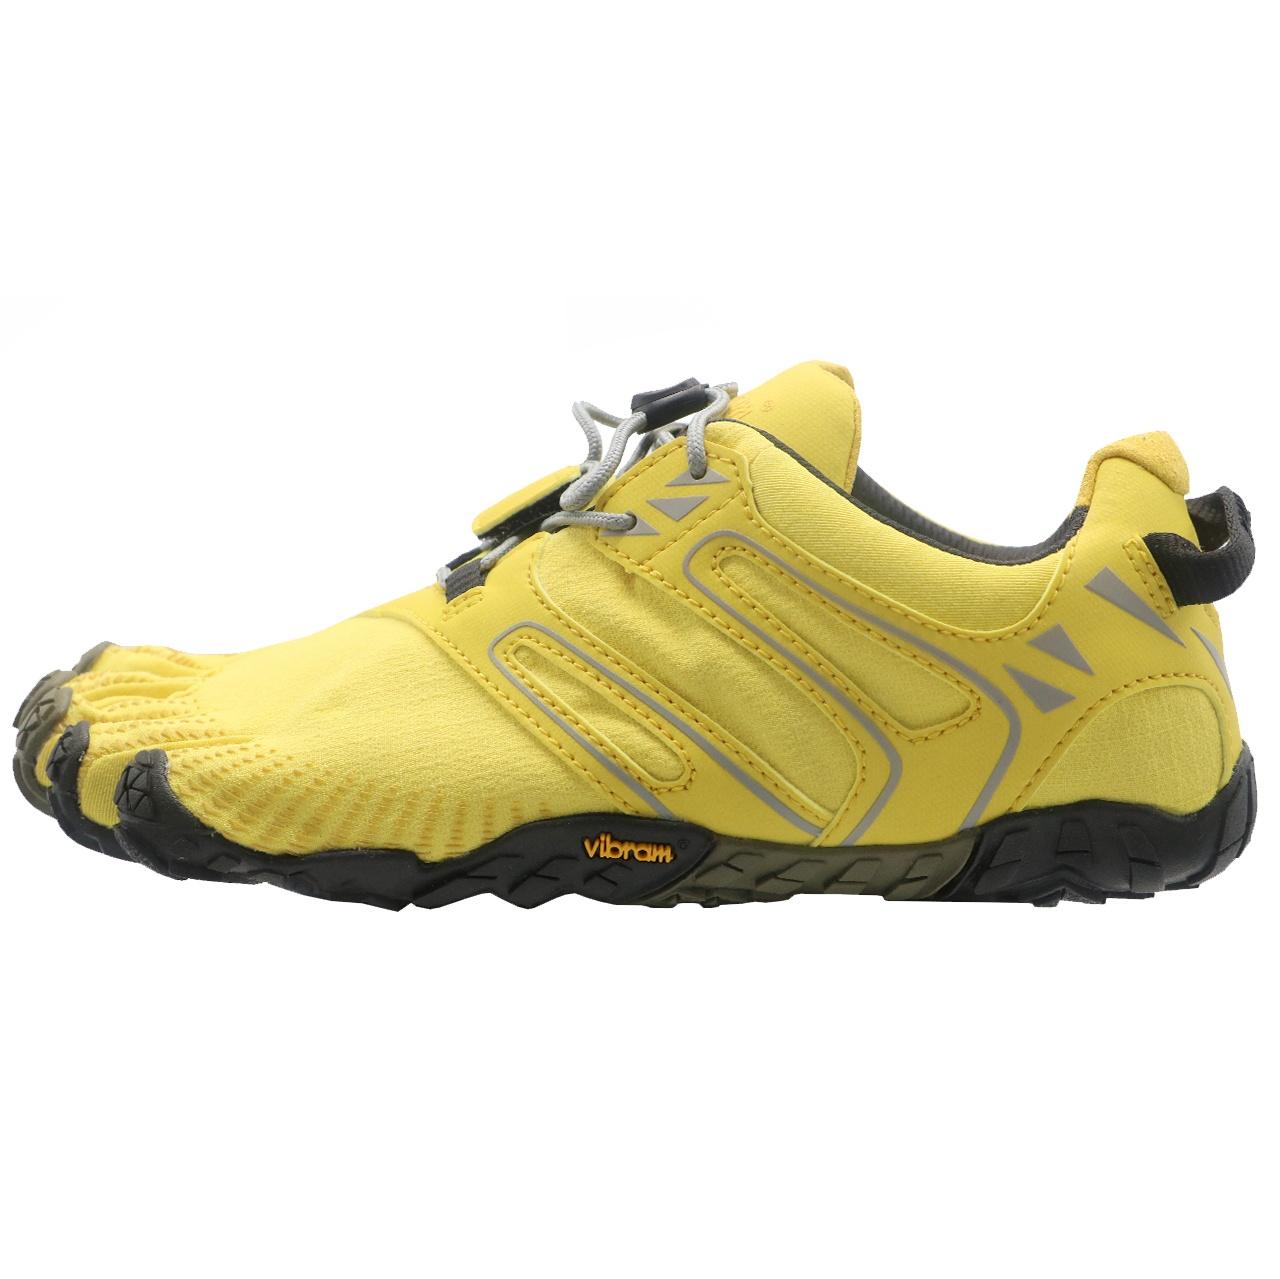 کفش مخصوص دویدن زنانه ویبرام مدل 17w6907